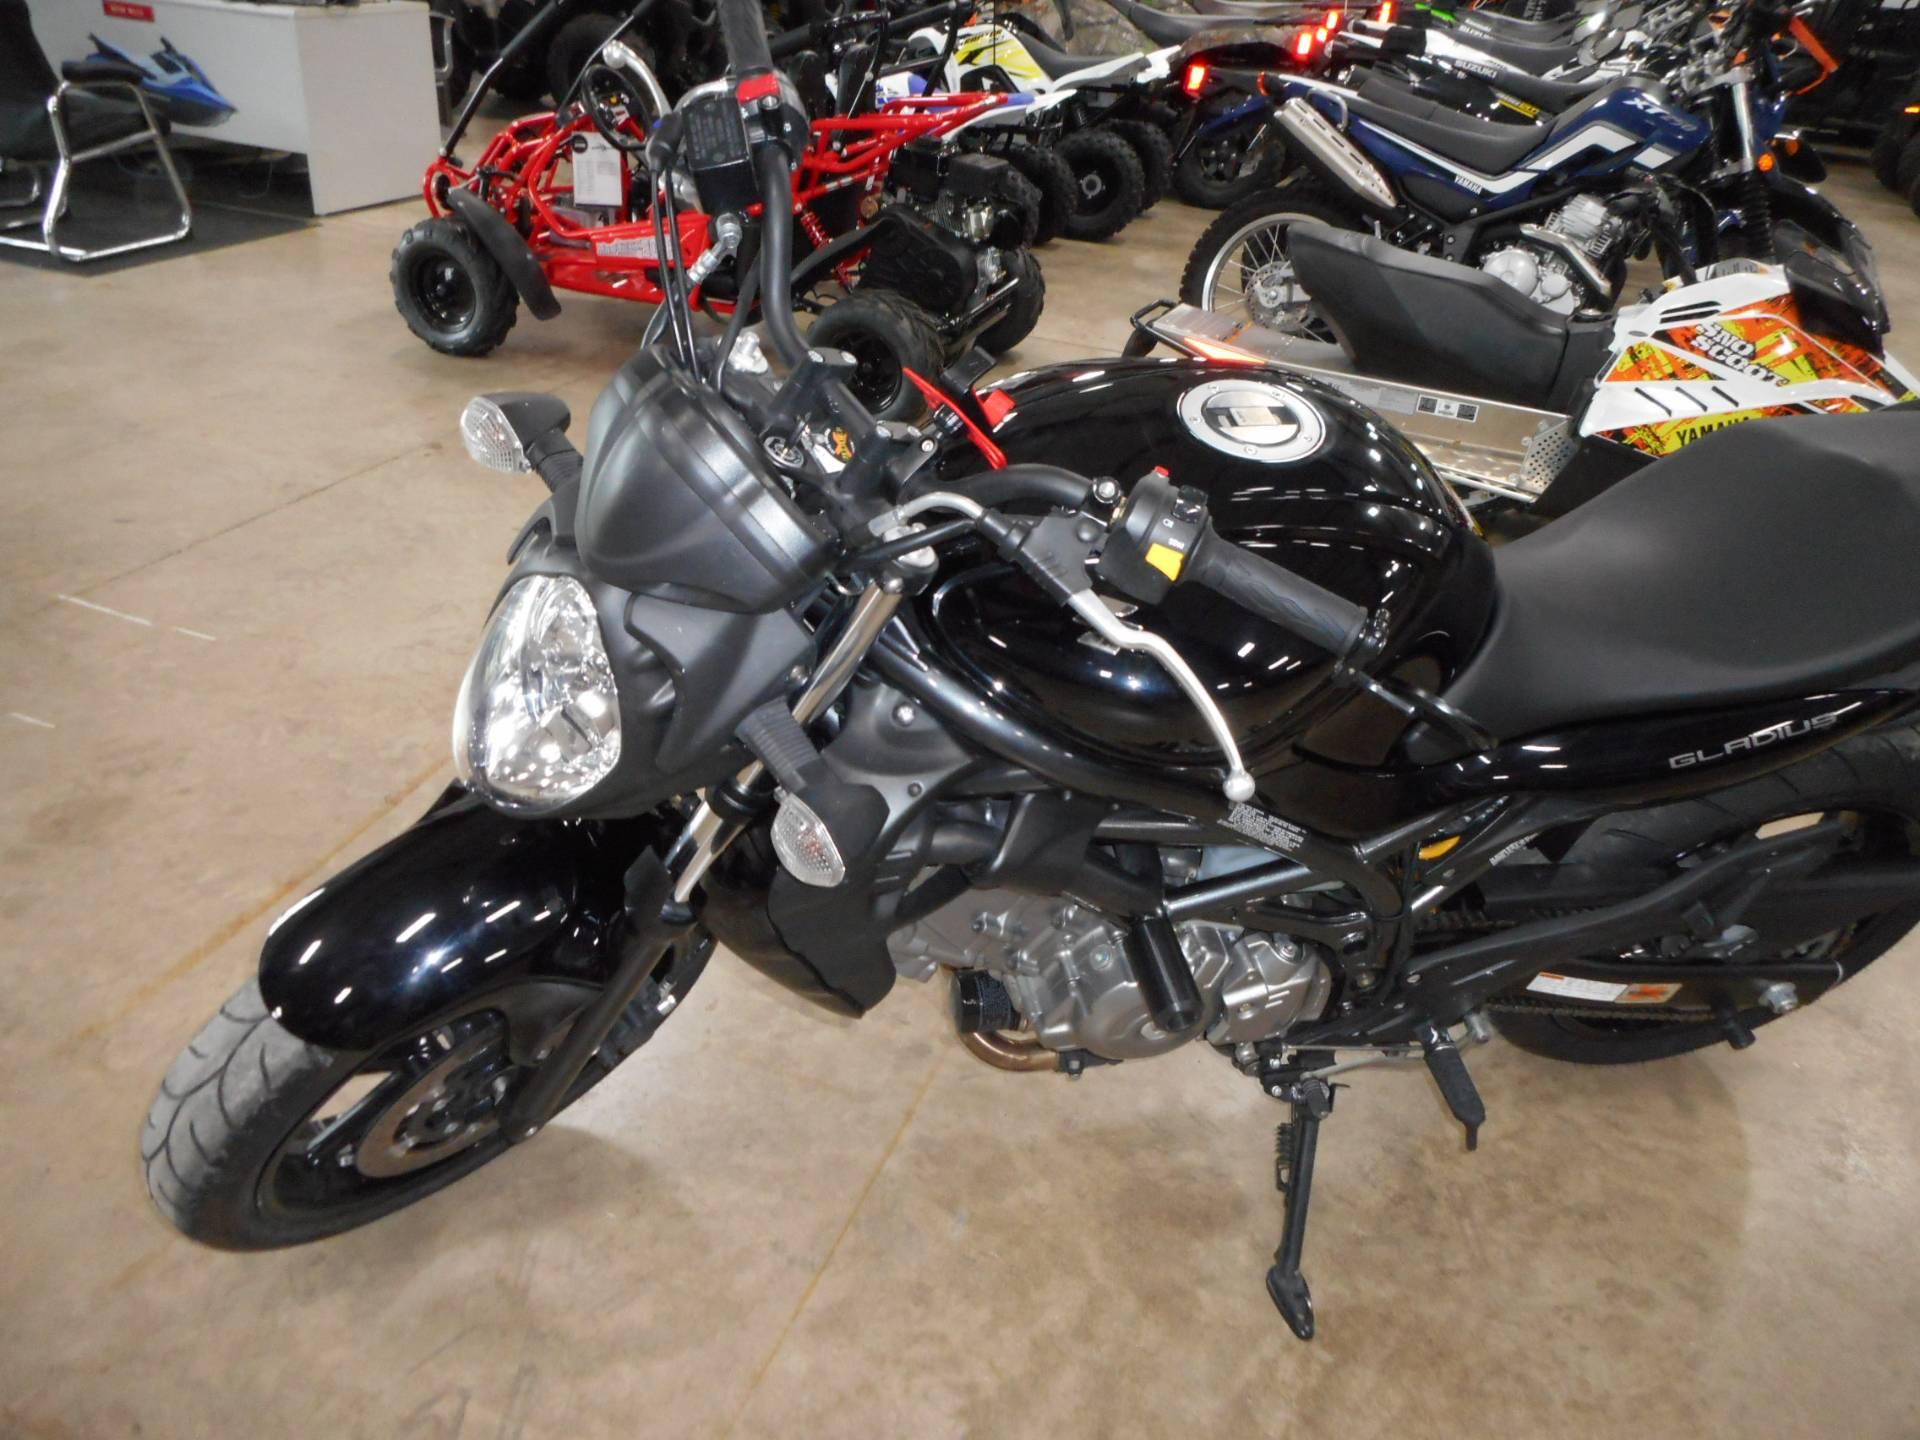 2009 Suzuki Gladius 7